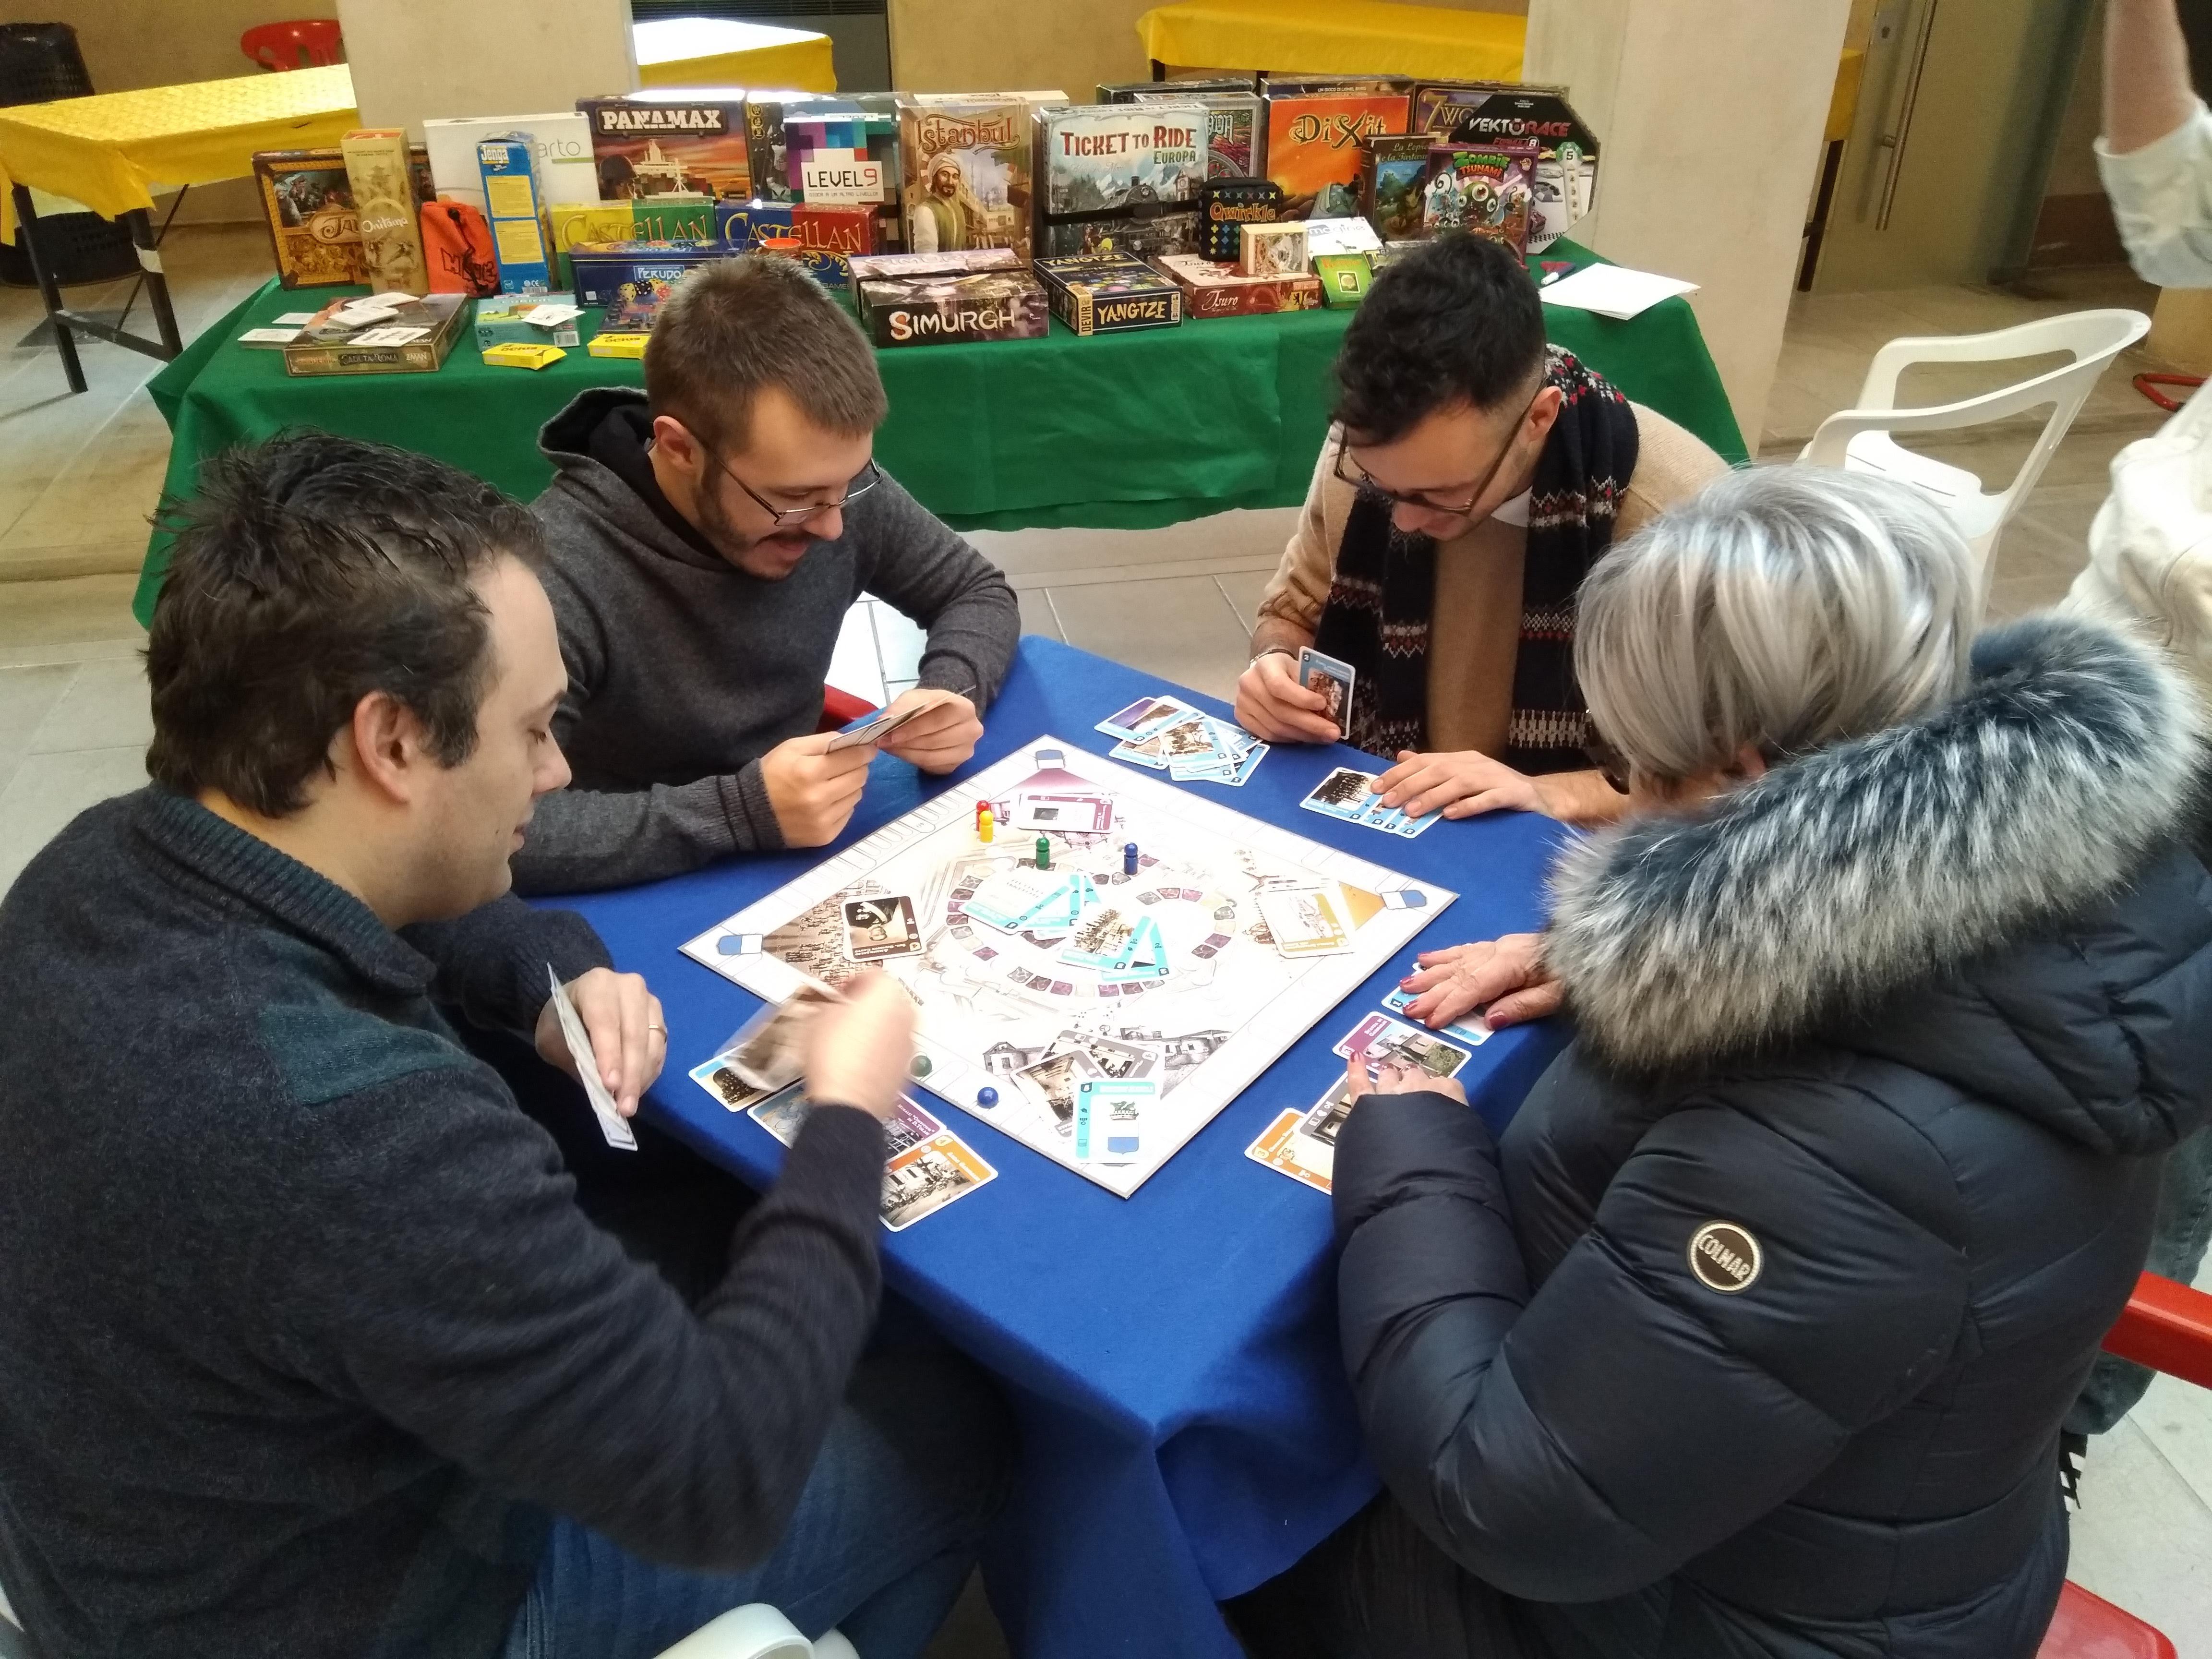 gioco da tavolo orzinuovi, gioco sulla città di orzinuovi